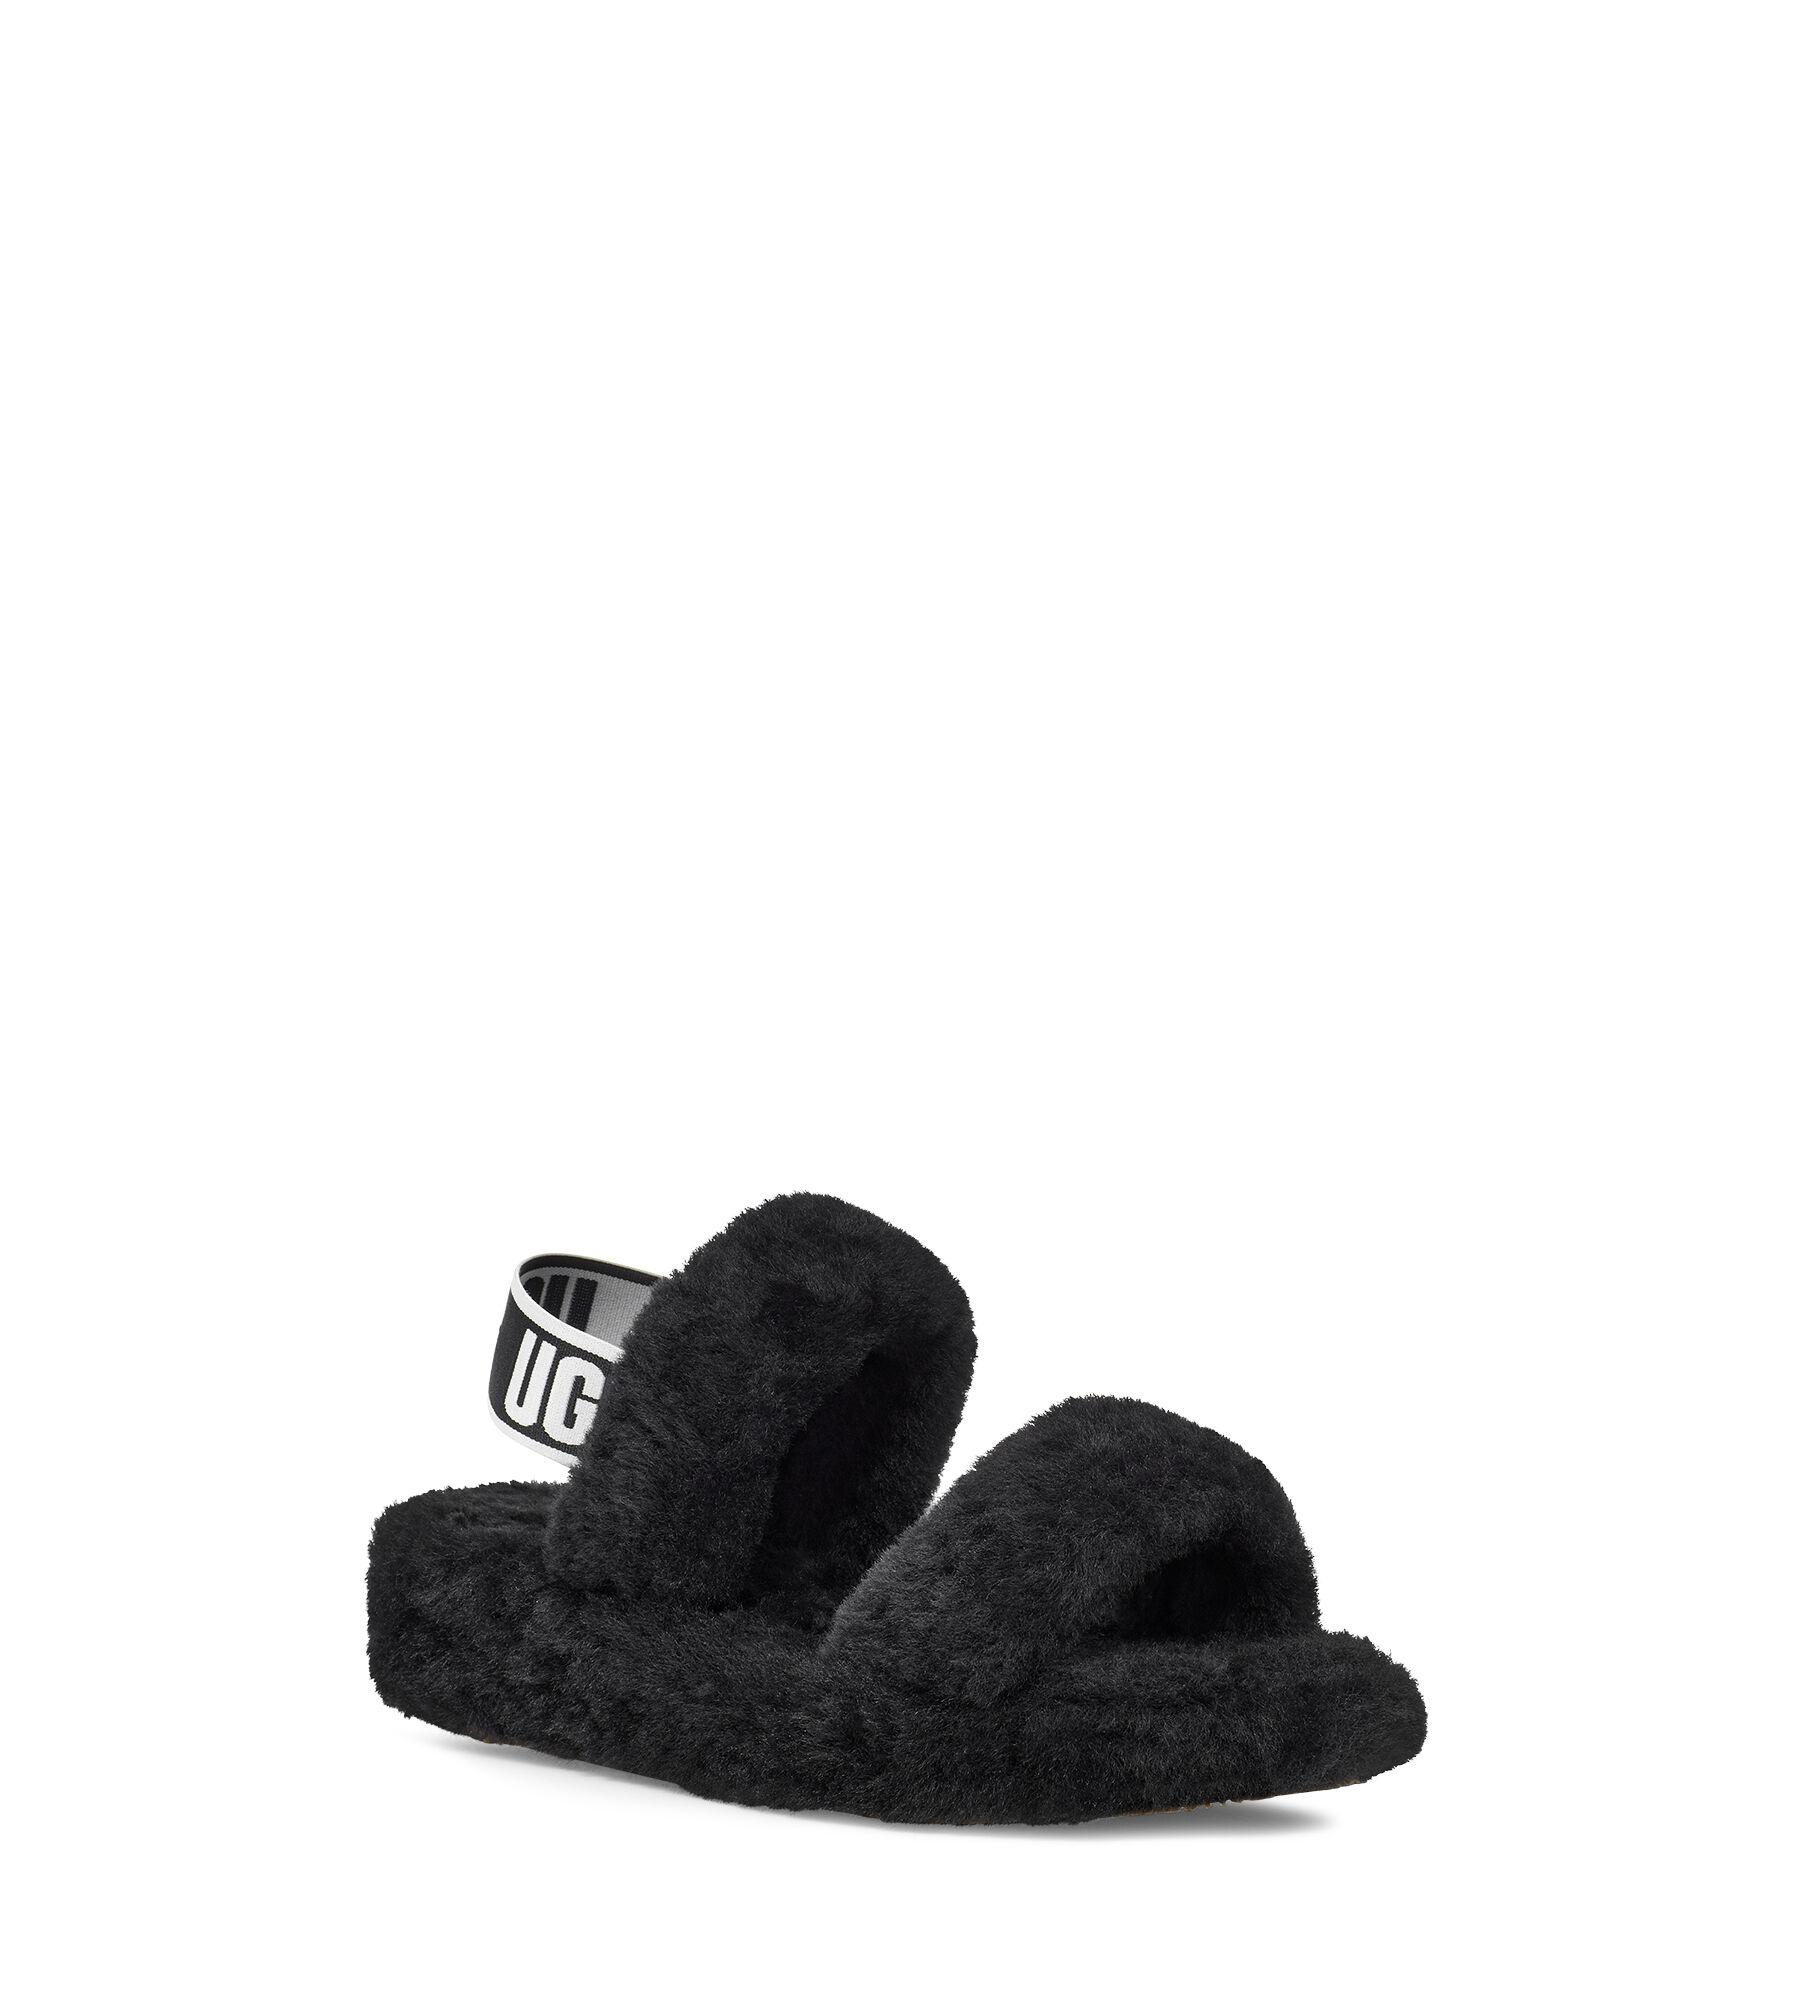 Sandals, Slides \u0026 Platforms   UGG